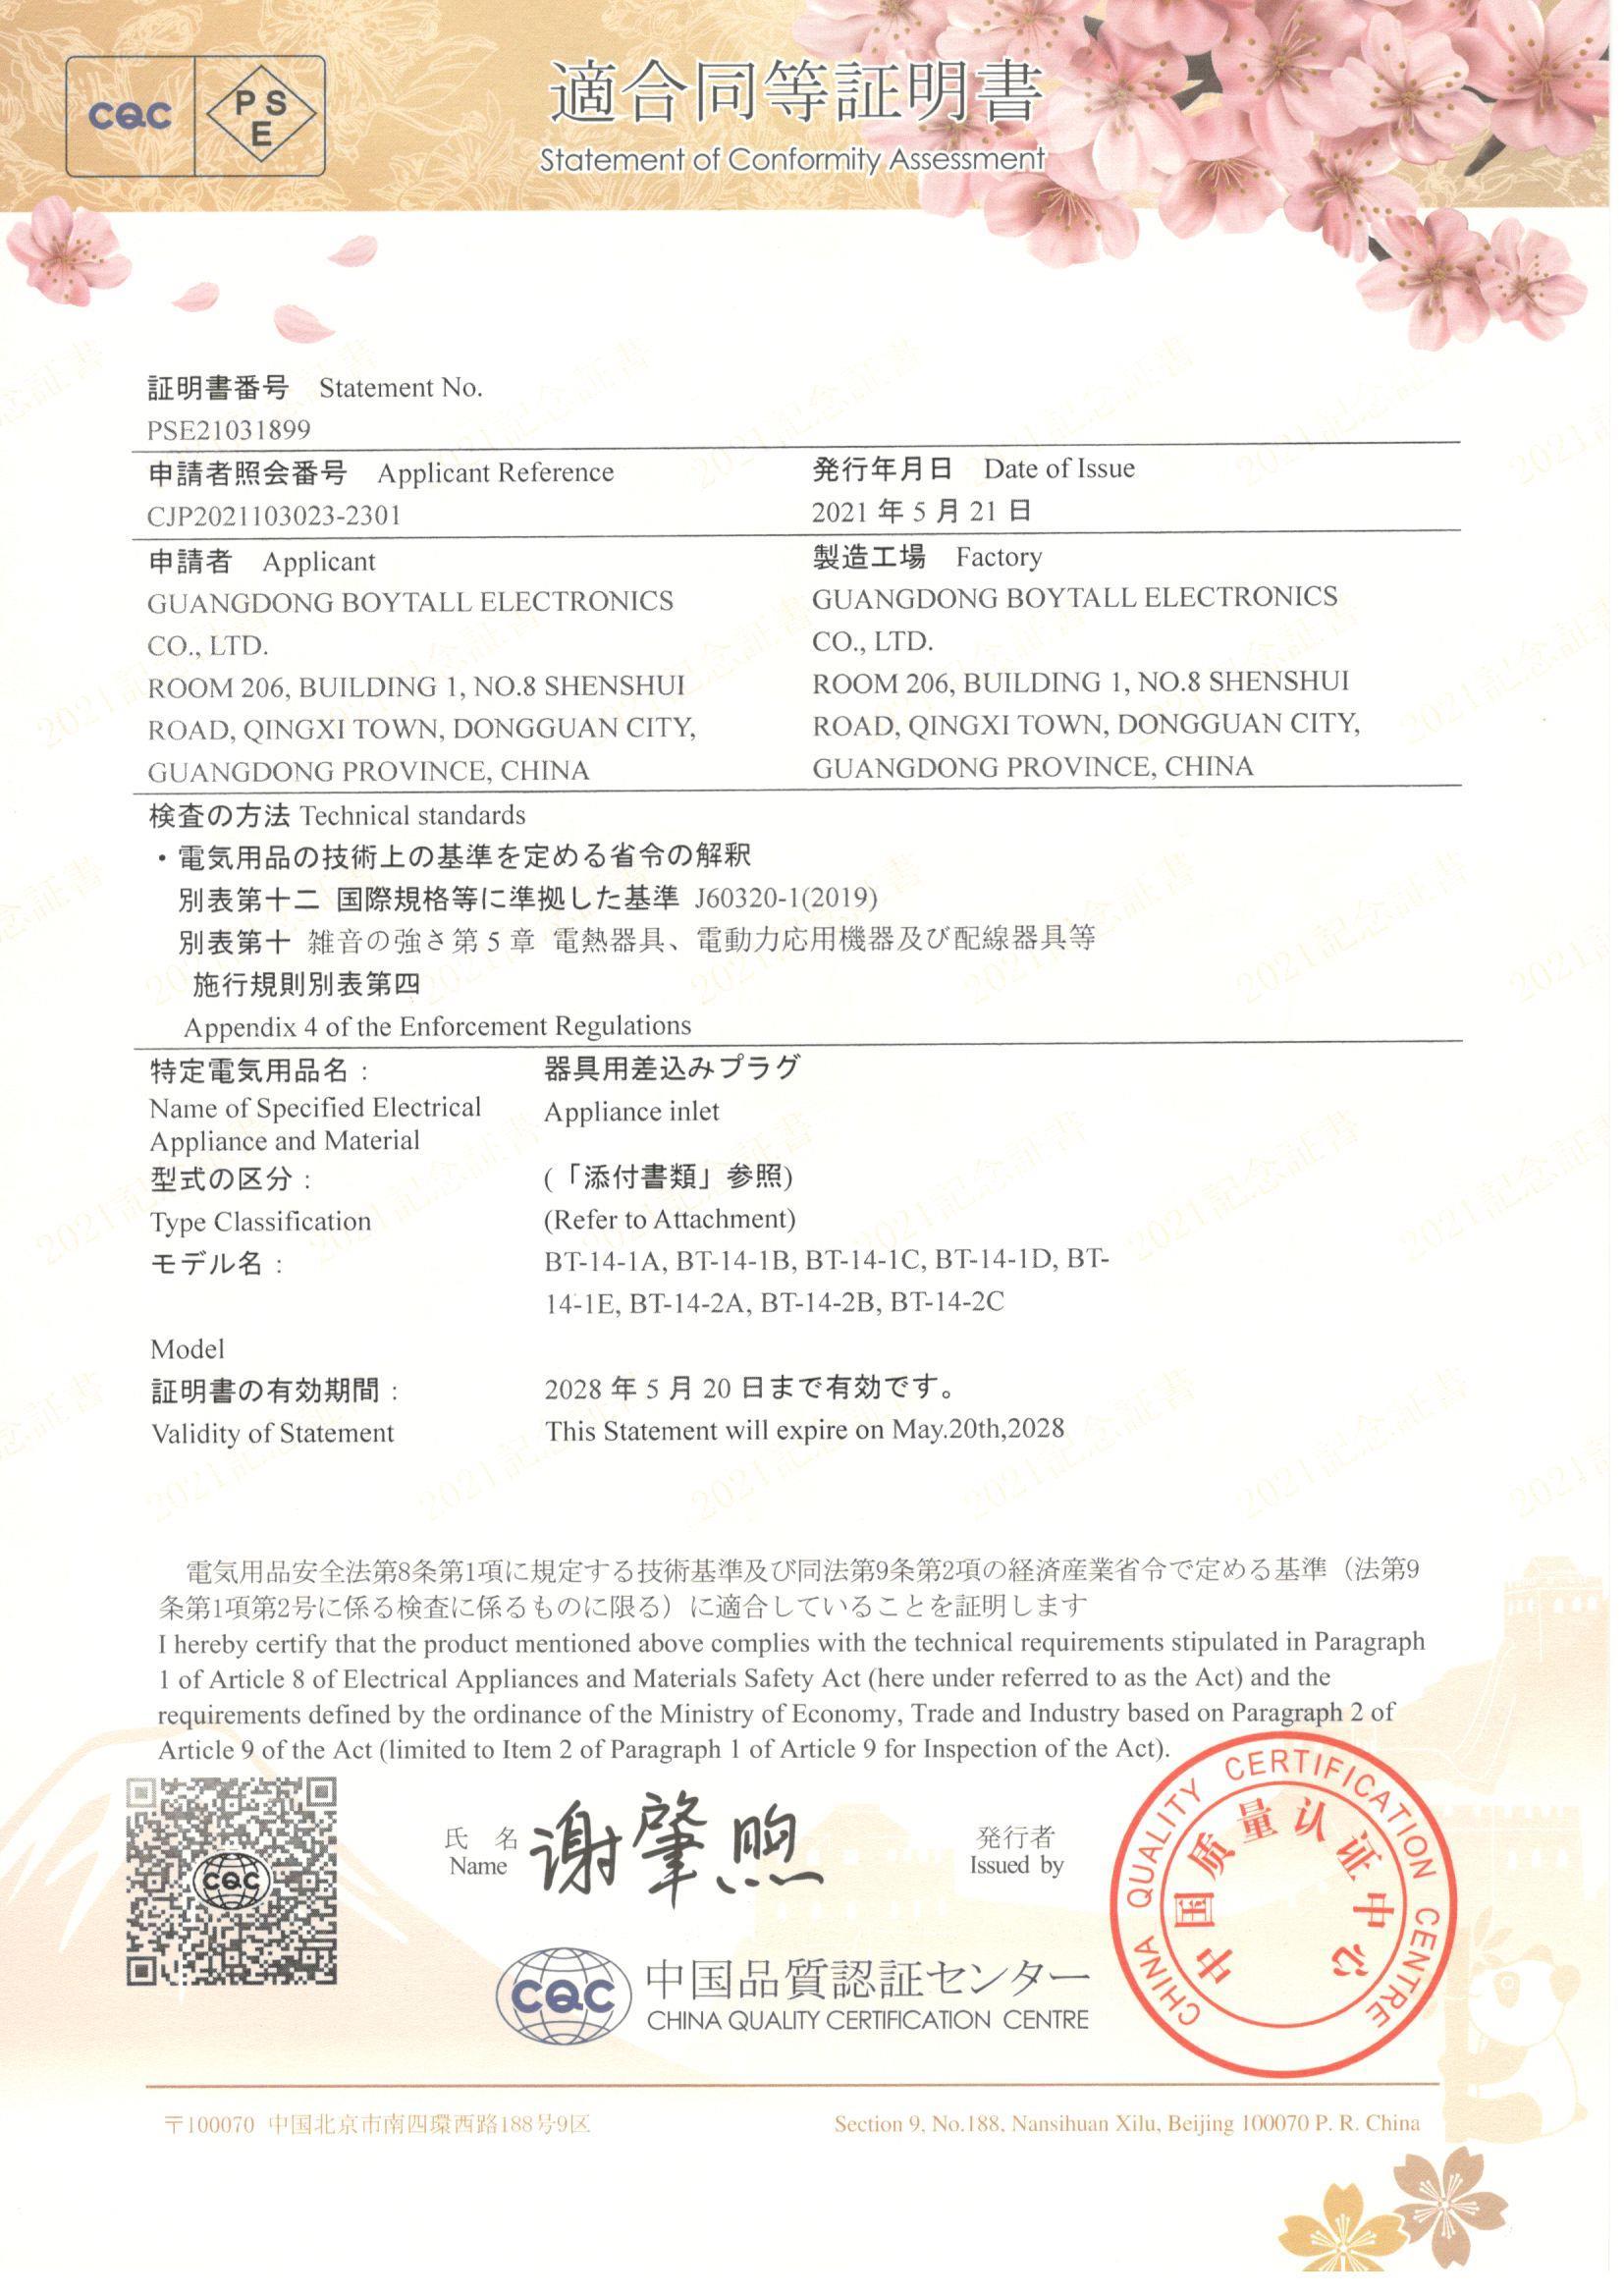 BT-14系列CQC-PSE 证书